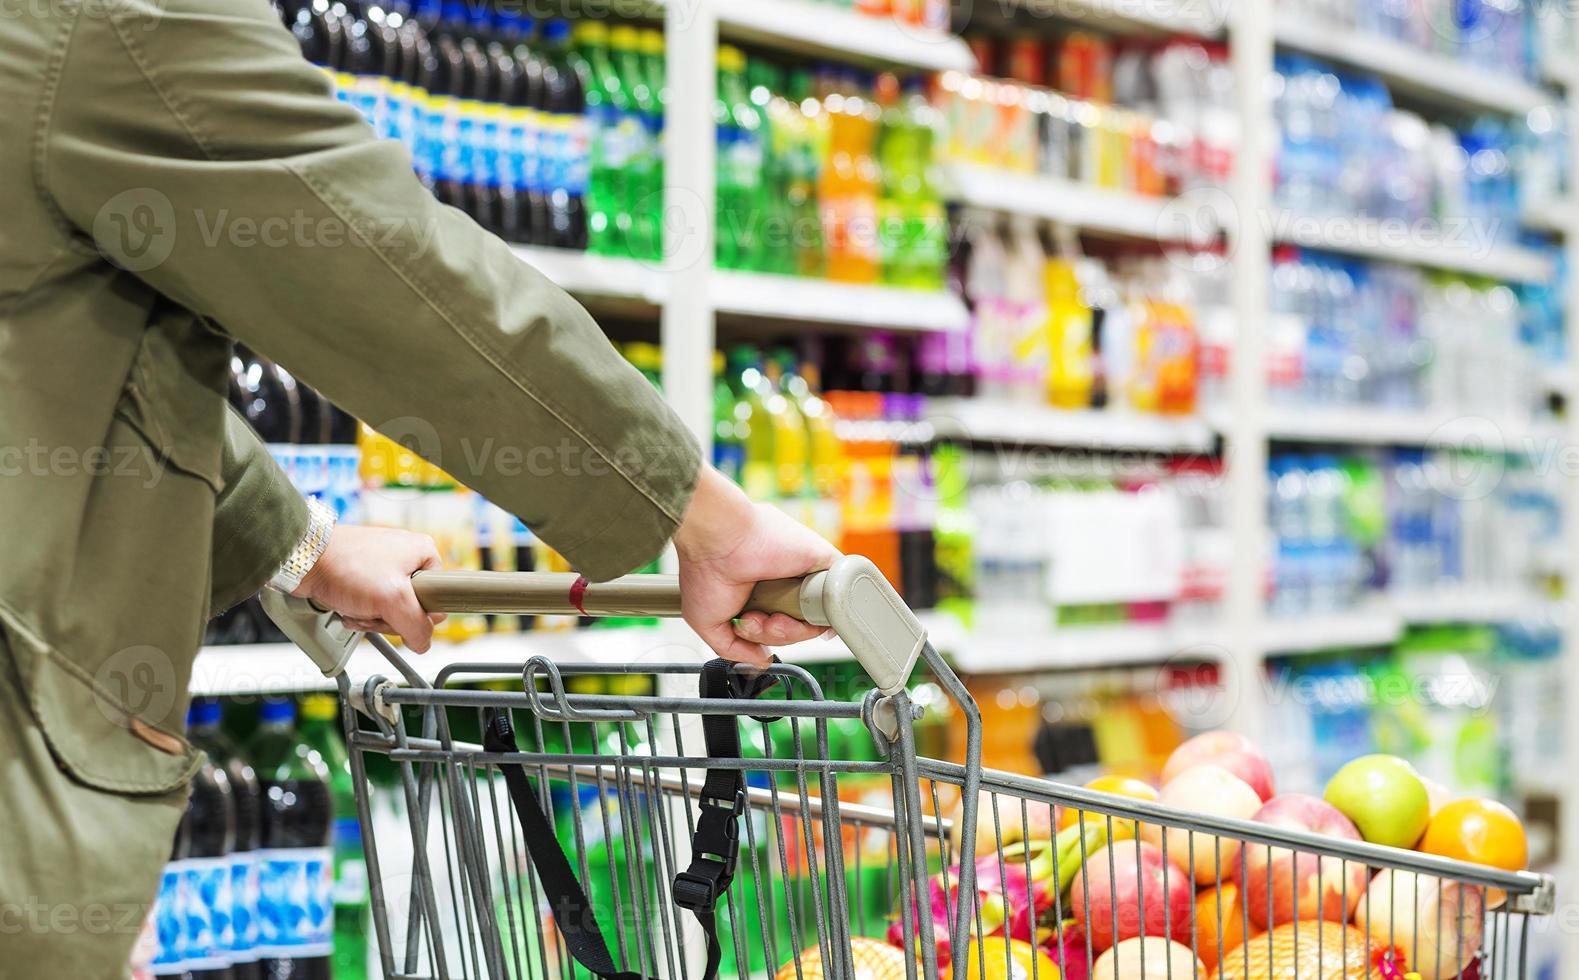 kaukasischer Mann, der einen vollen Wagen in einem Supermarkt schiebt foto